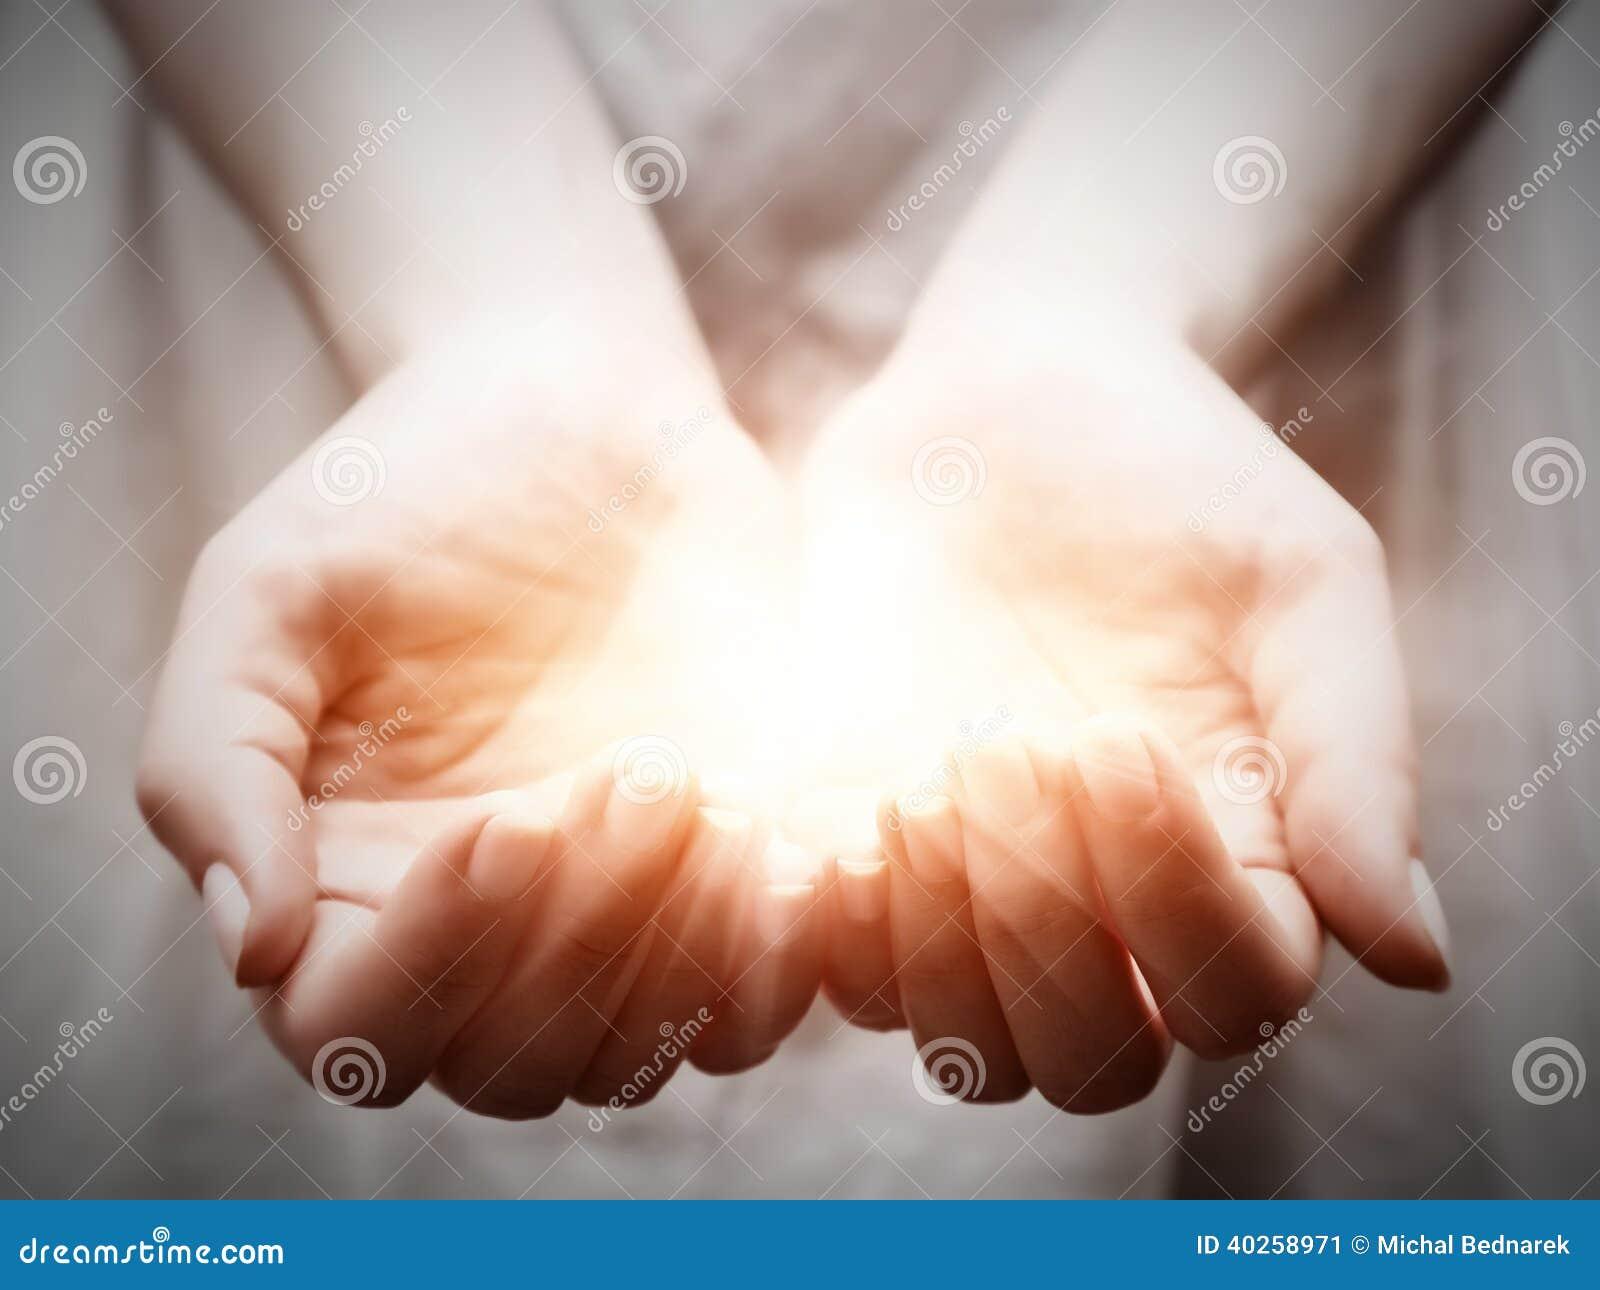 La luz en manos de la mujer joven. Distribución, donante, ofreciendo, protección